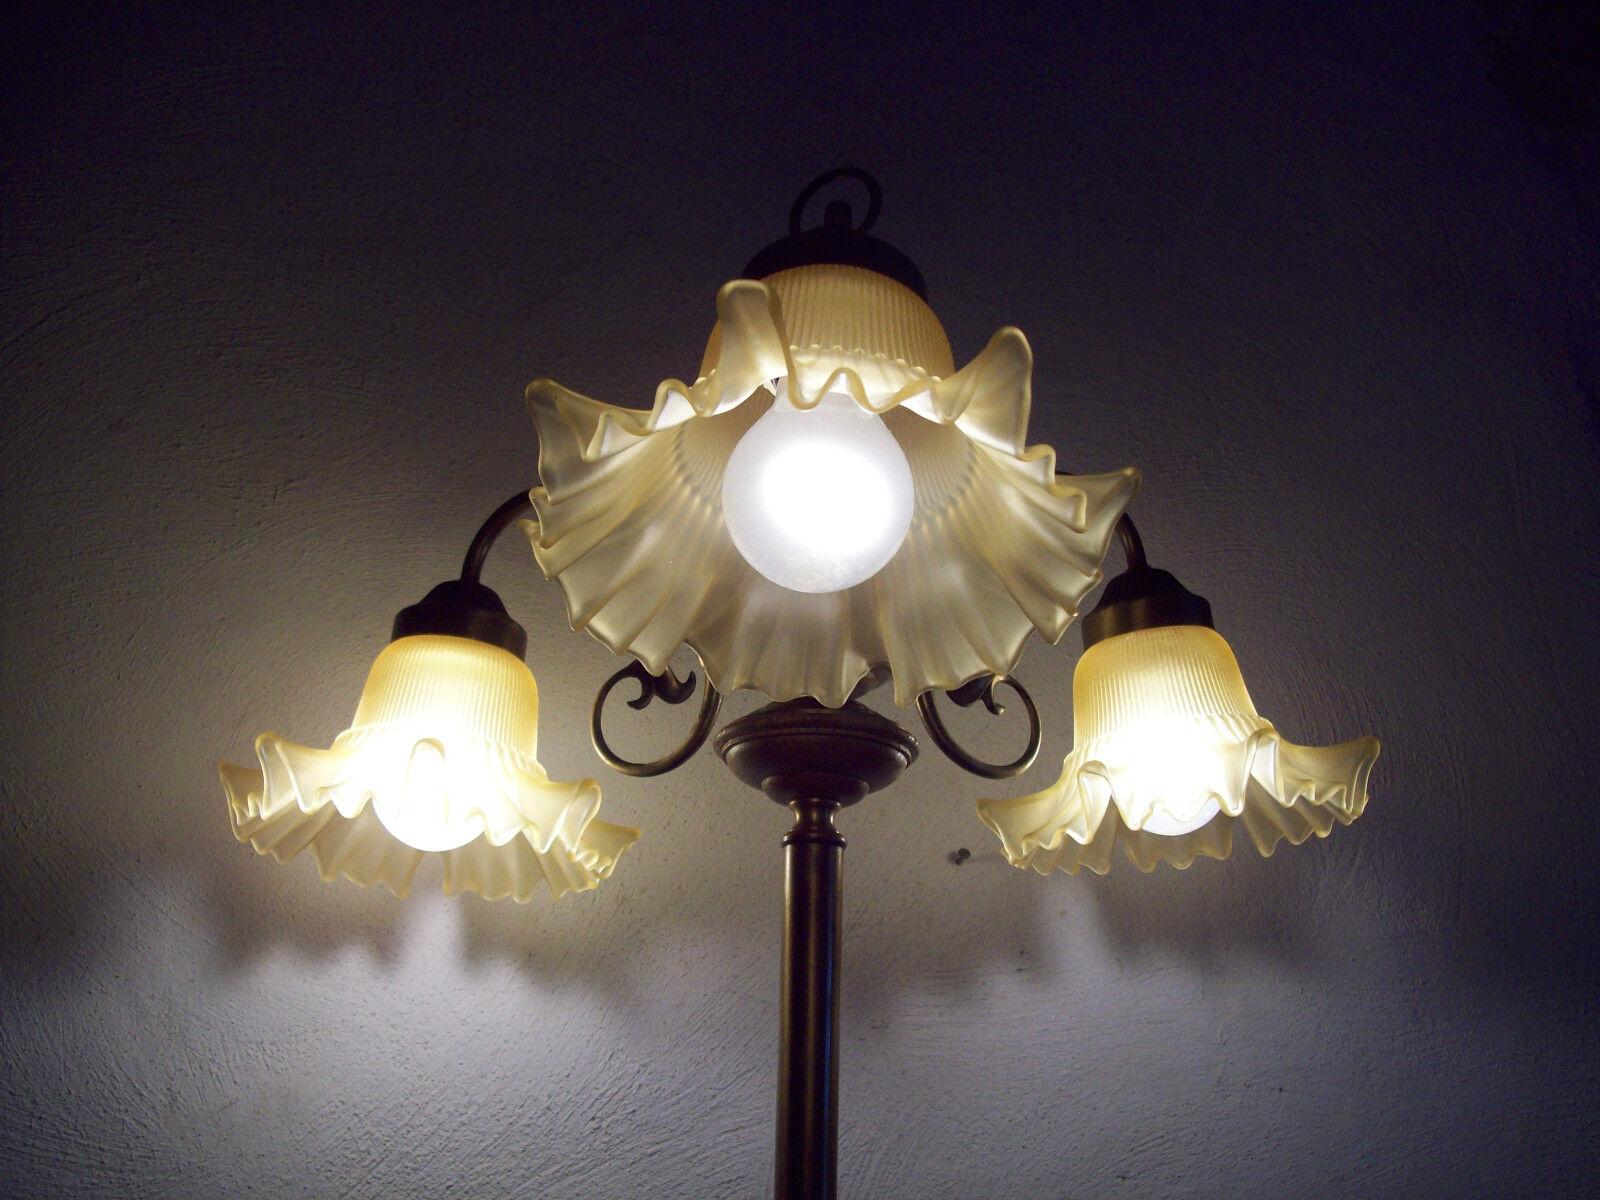 Ungew hnliche drei flammige stehlampe leselampe bodenlampe for Stehlampe leselampe